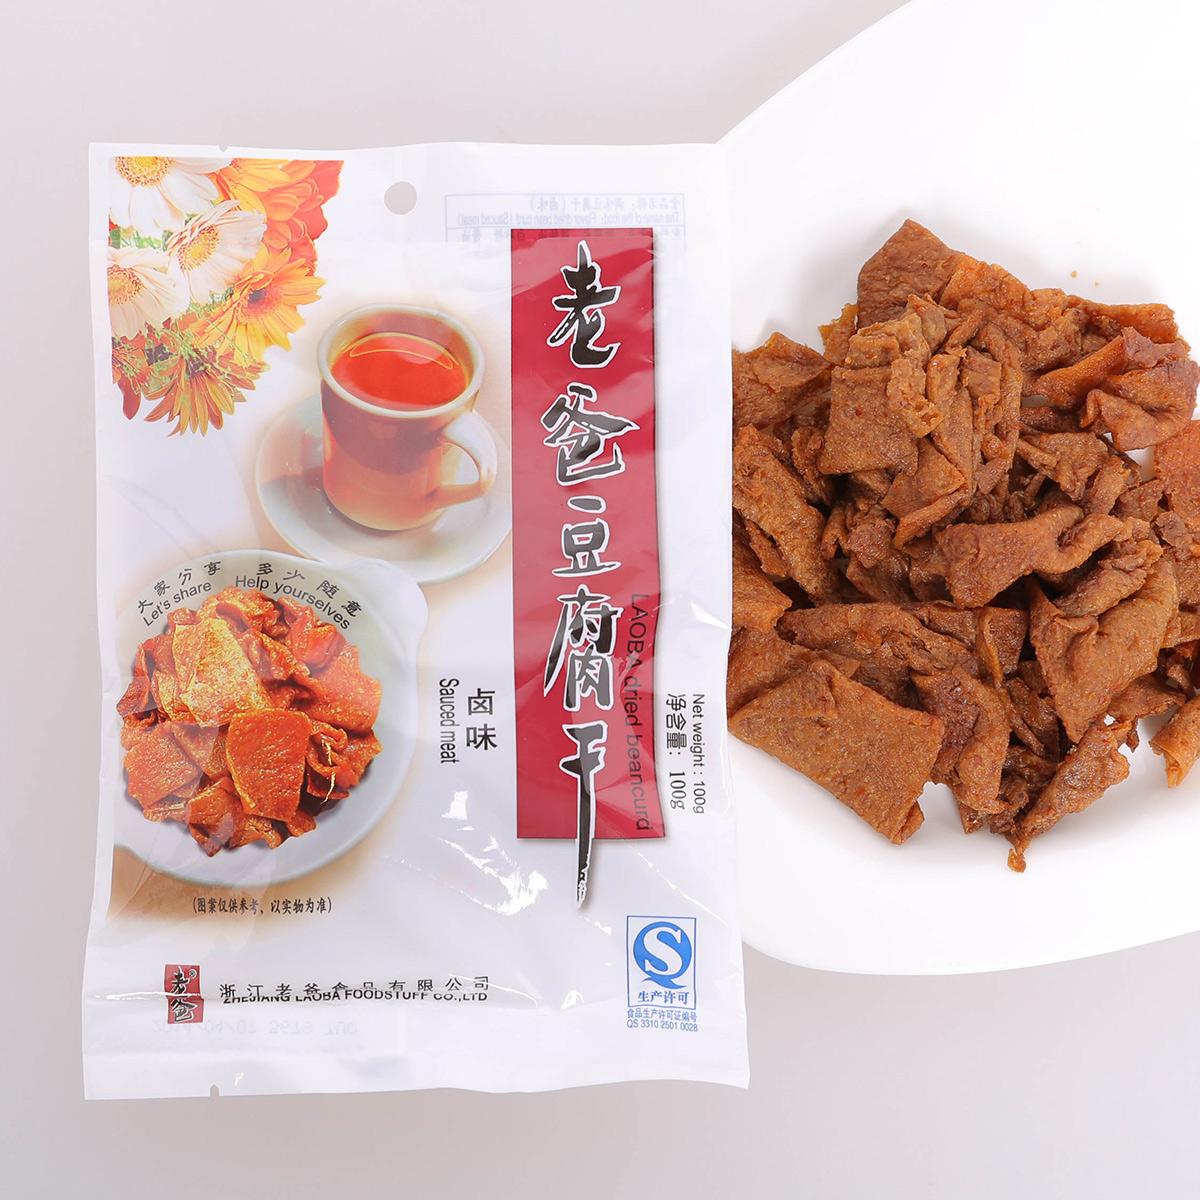 浙江特产零食_老爸豆腐干 卤味口味素食 豆干制品休闲零食 浙江特产美食100g商品